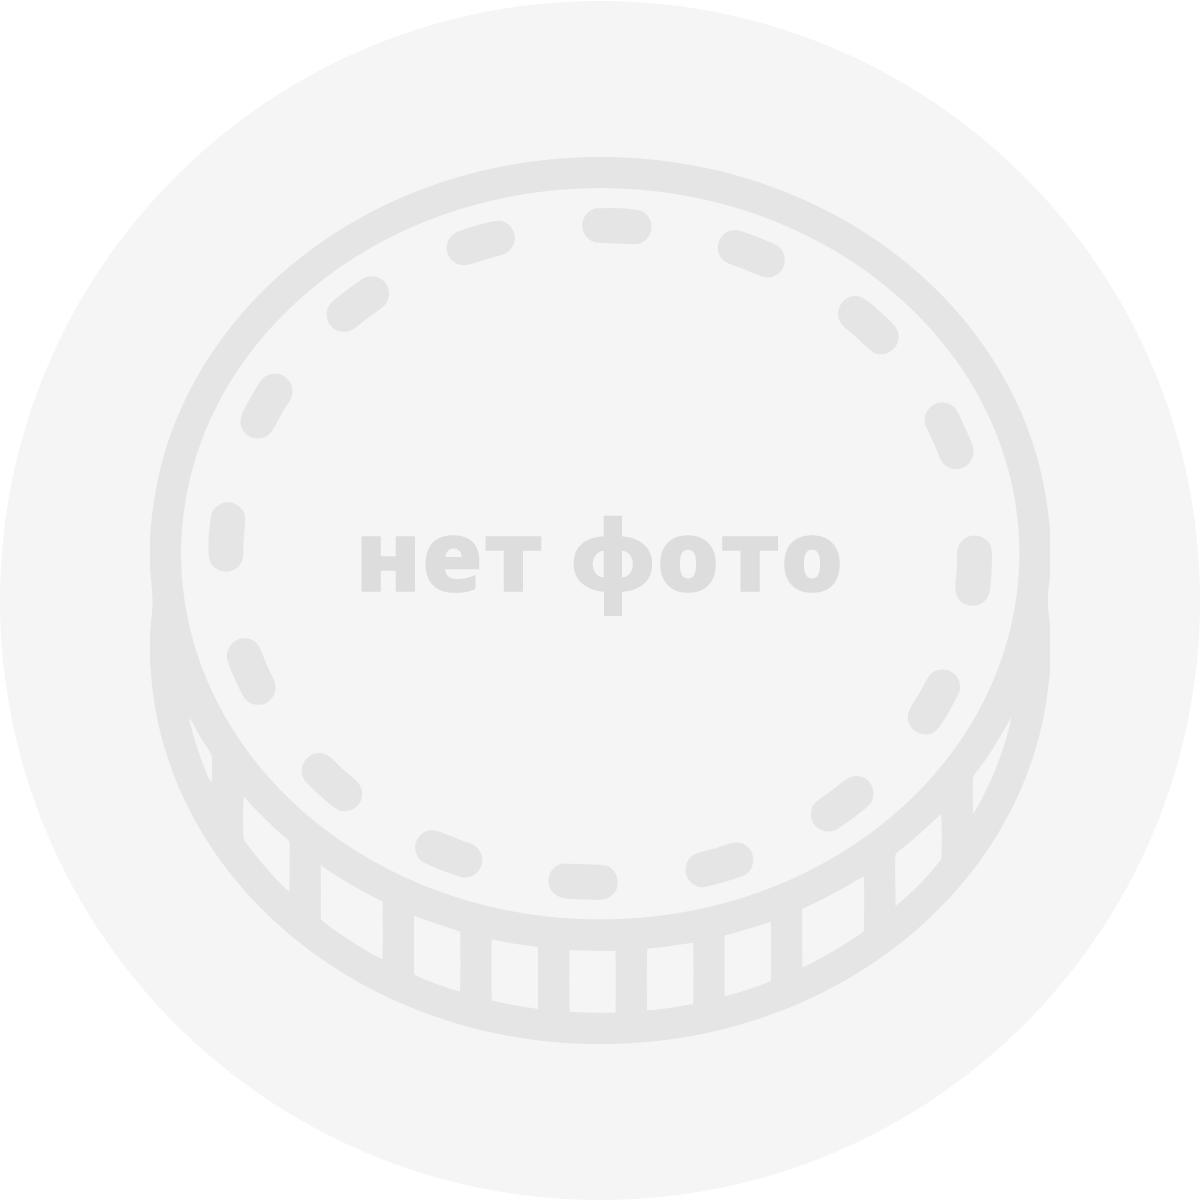 Холдеры степлер (коробка 100 шт.) 39,5 мм